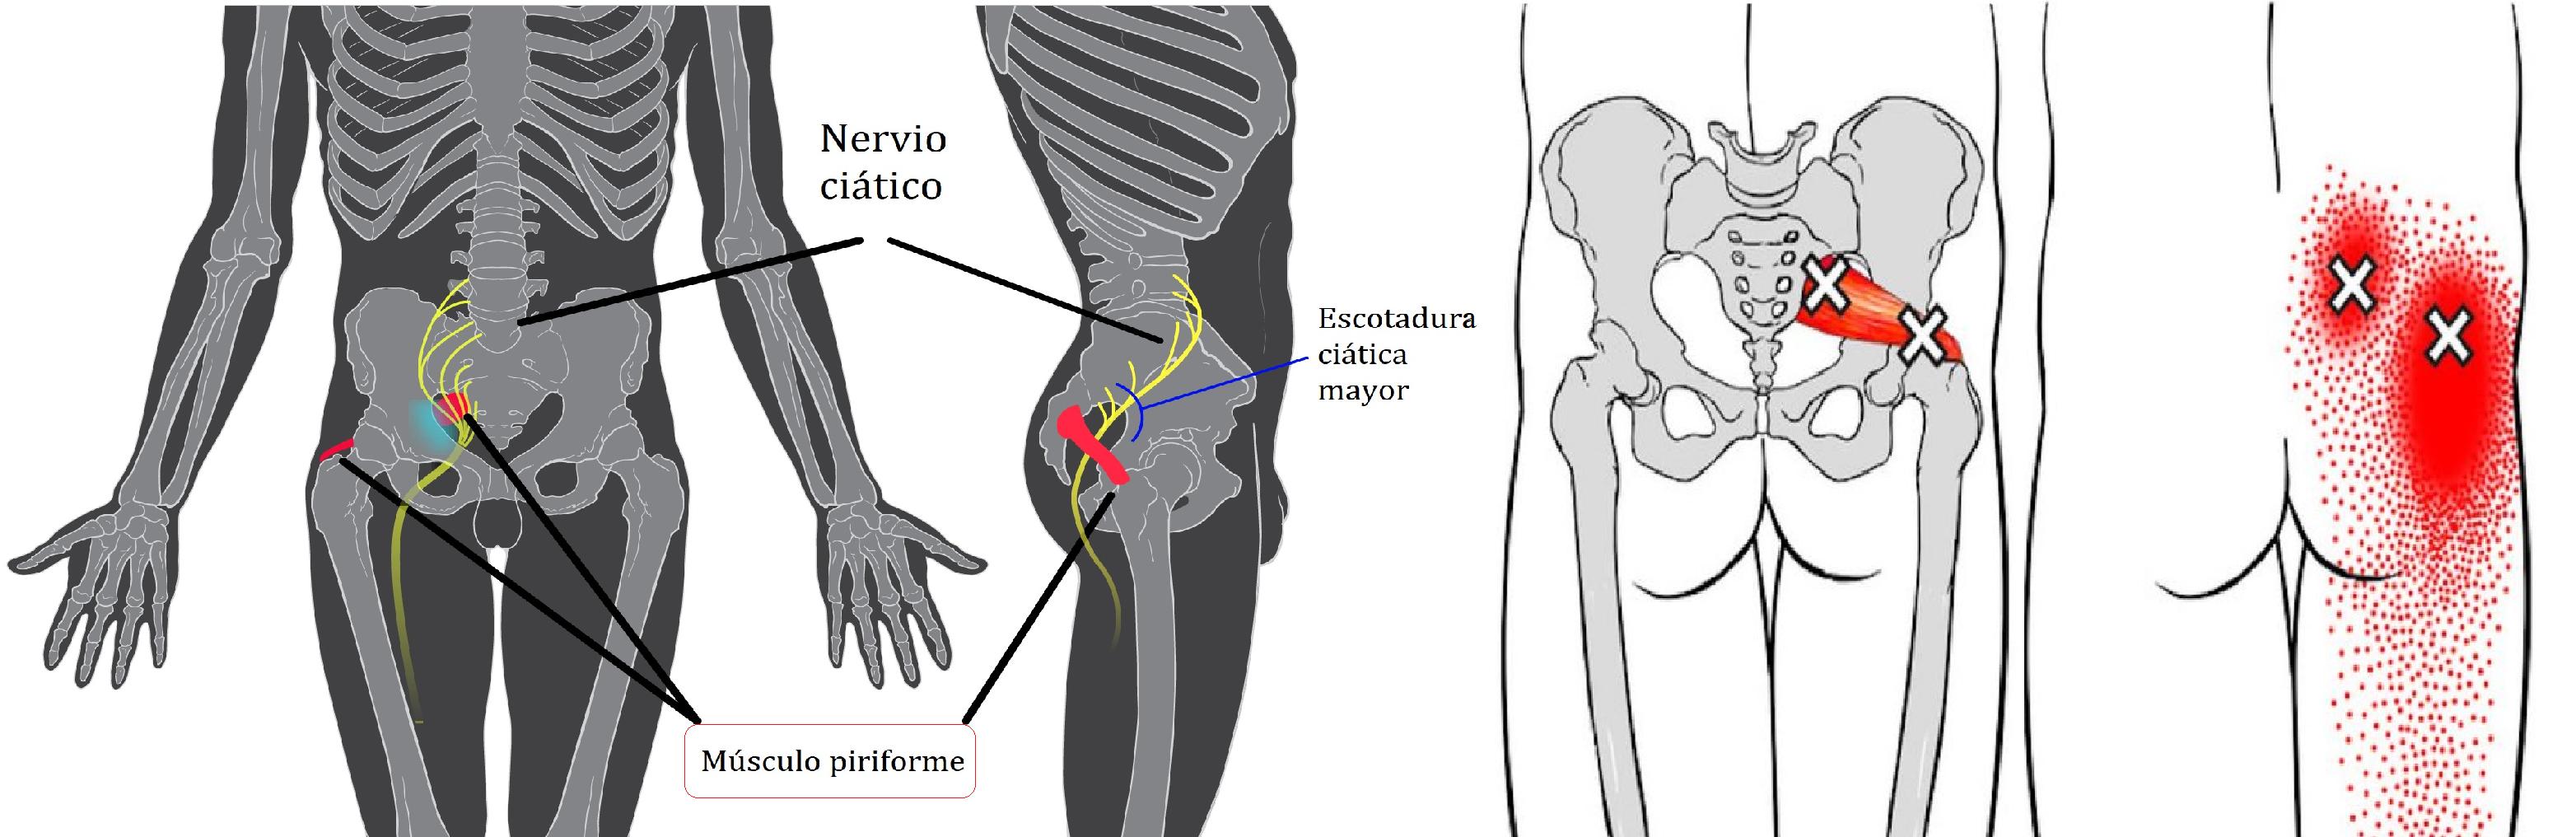 músculo piramidal o piriforme